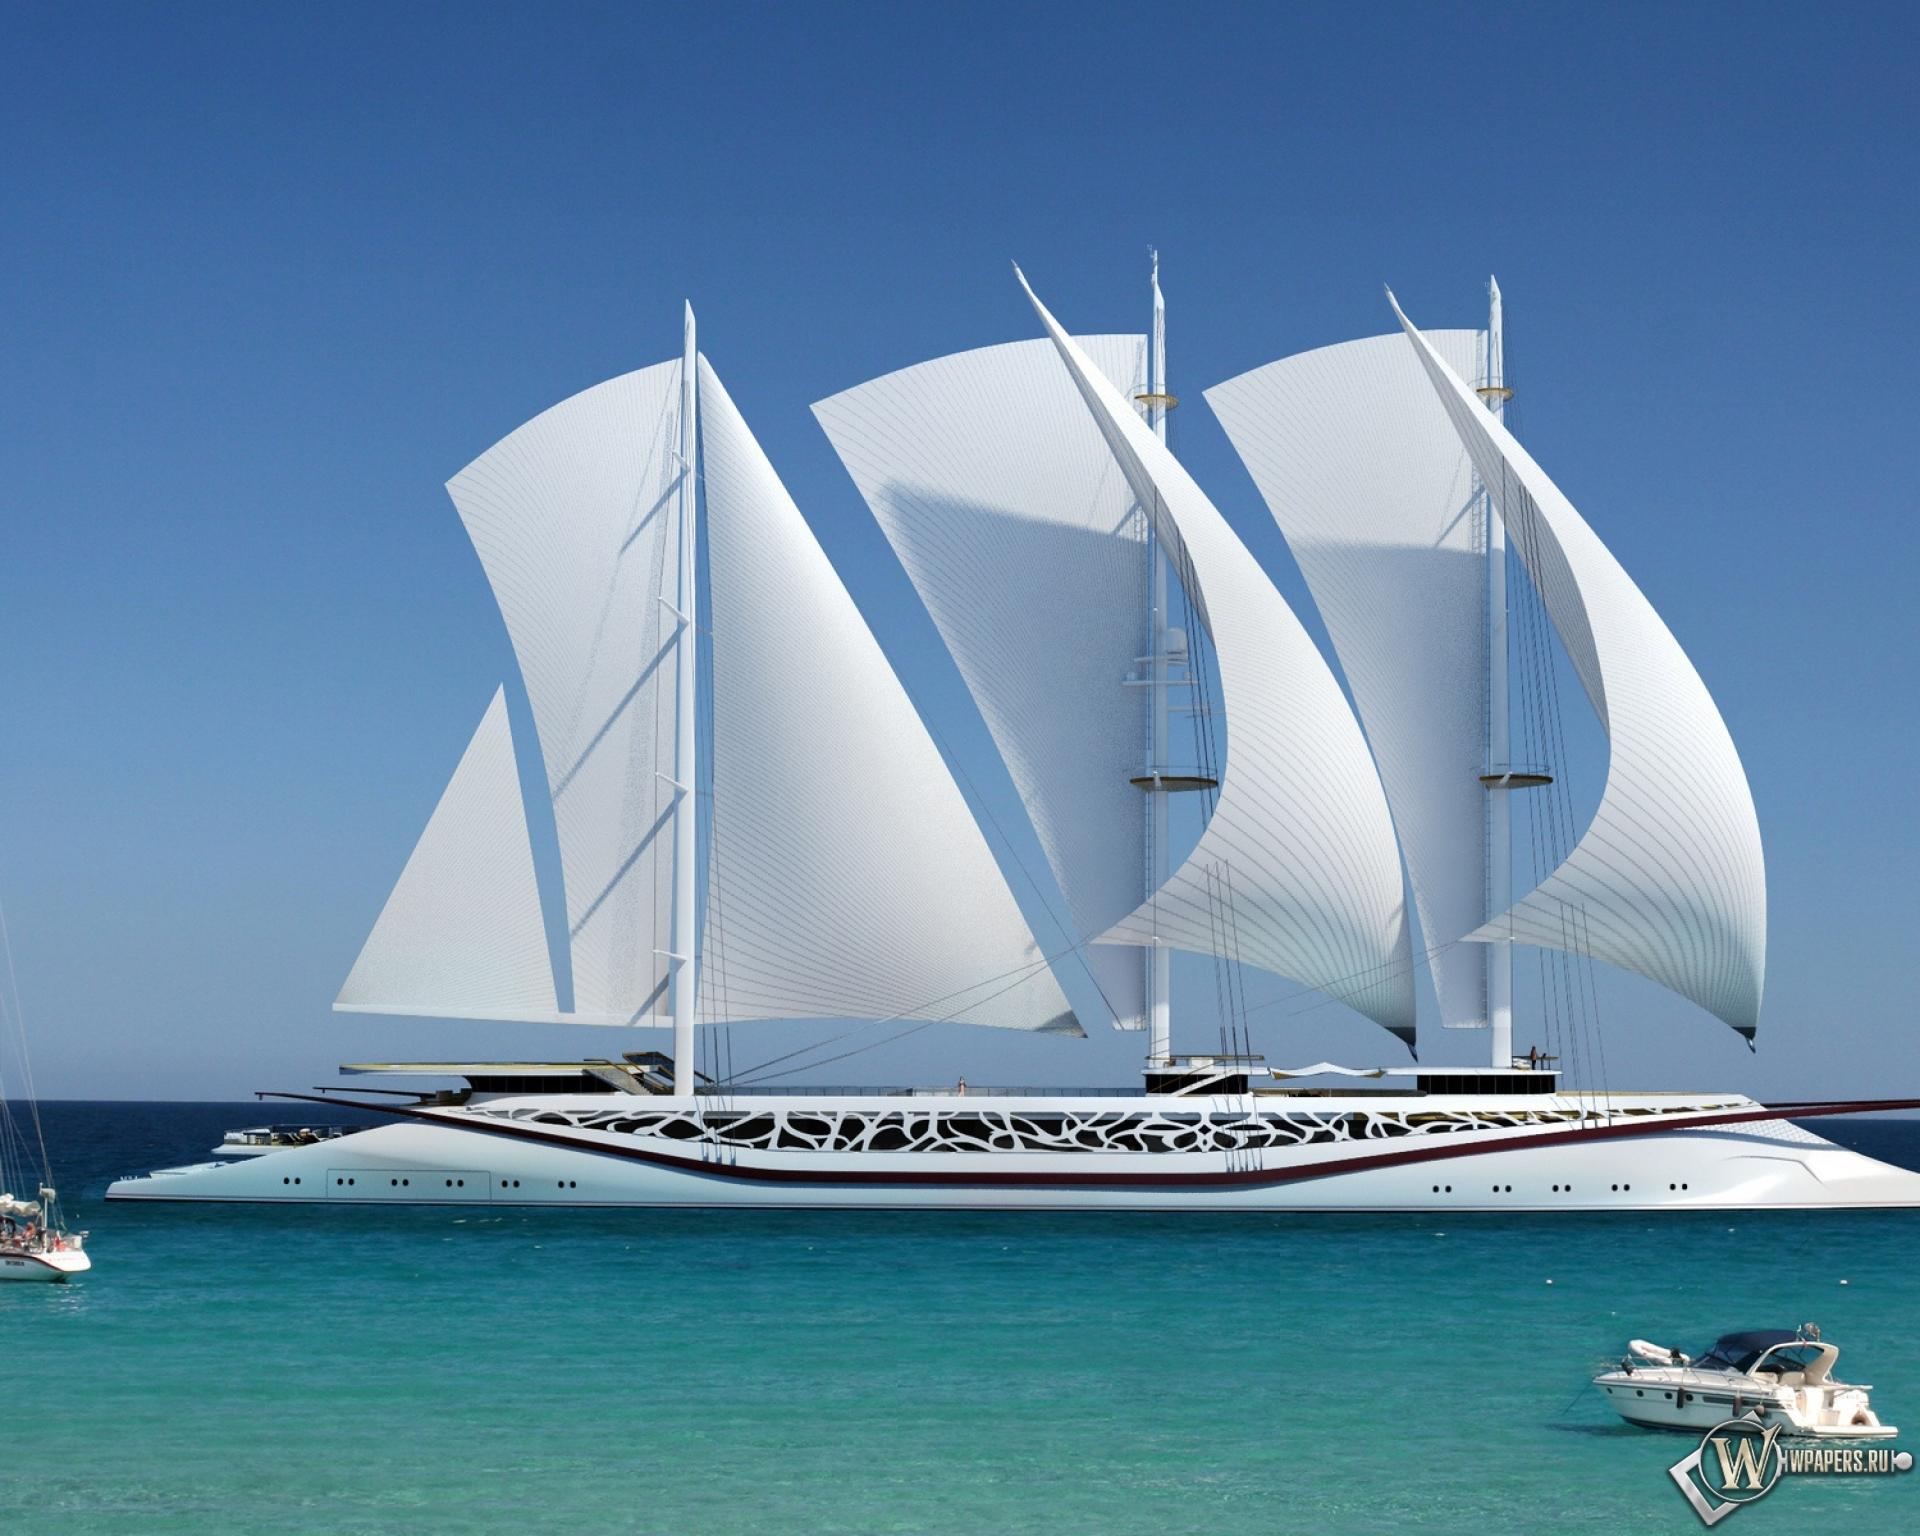 Шикарное парусное судно 1920x1536